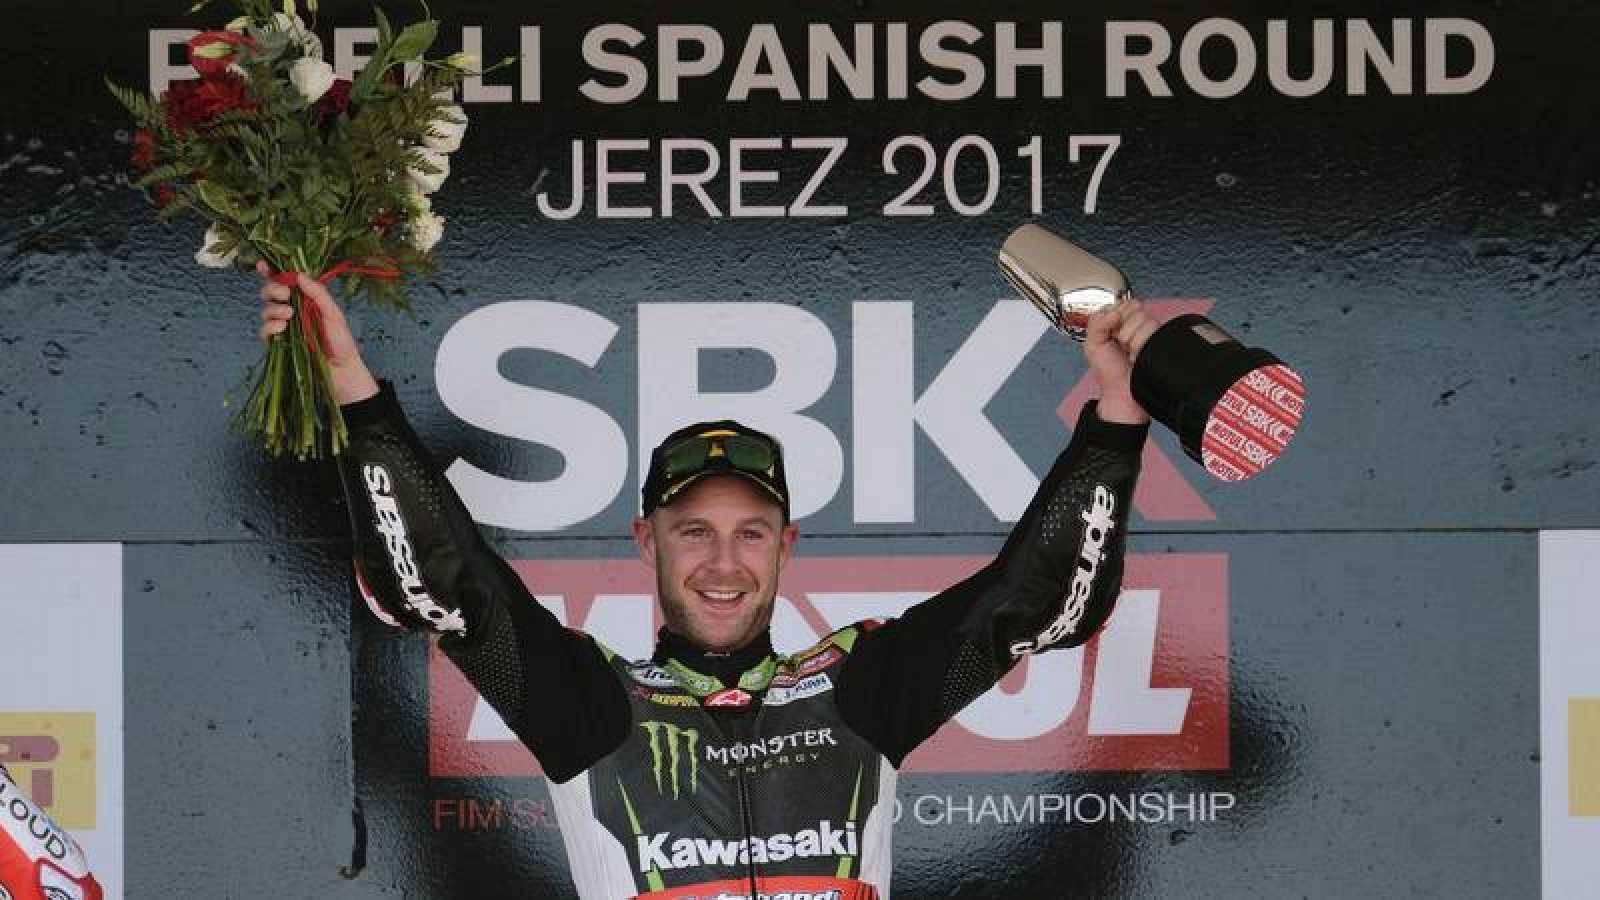 El campeón Rea se corona en la 'Catedral' y gana por primera vez en Jerez